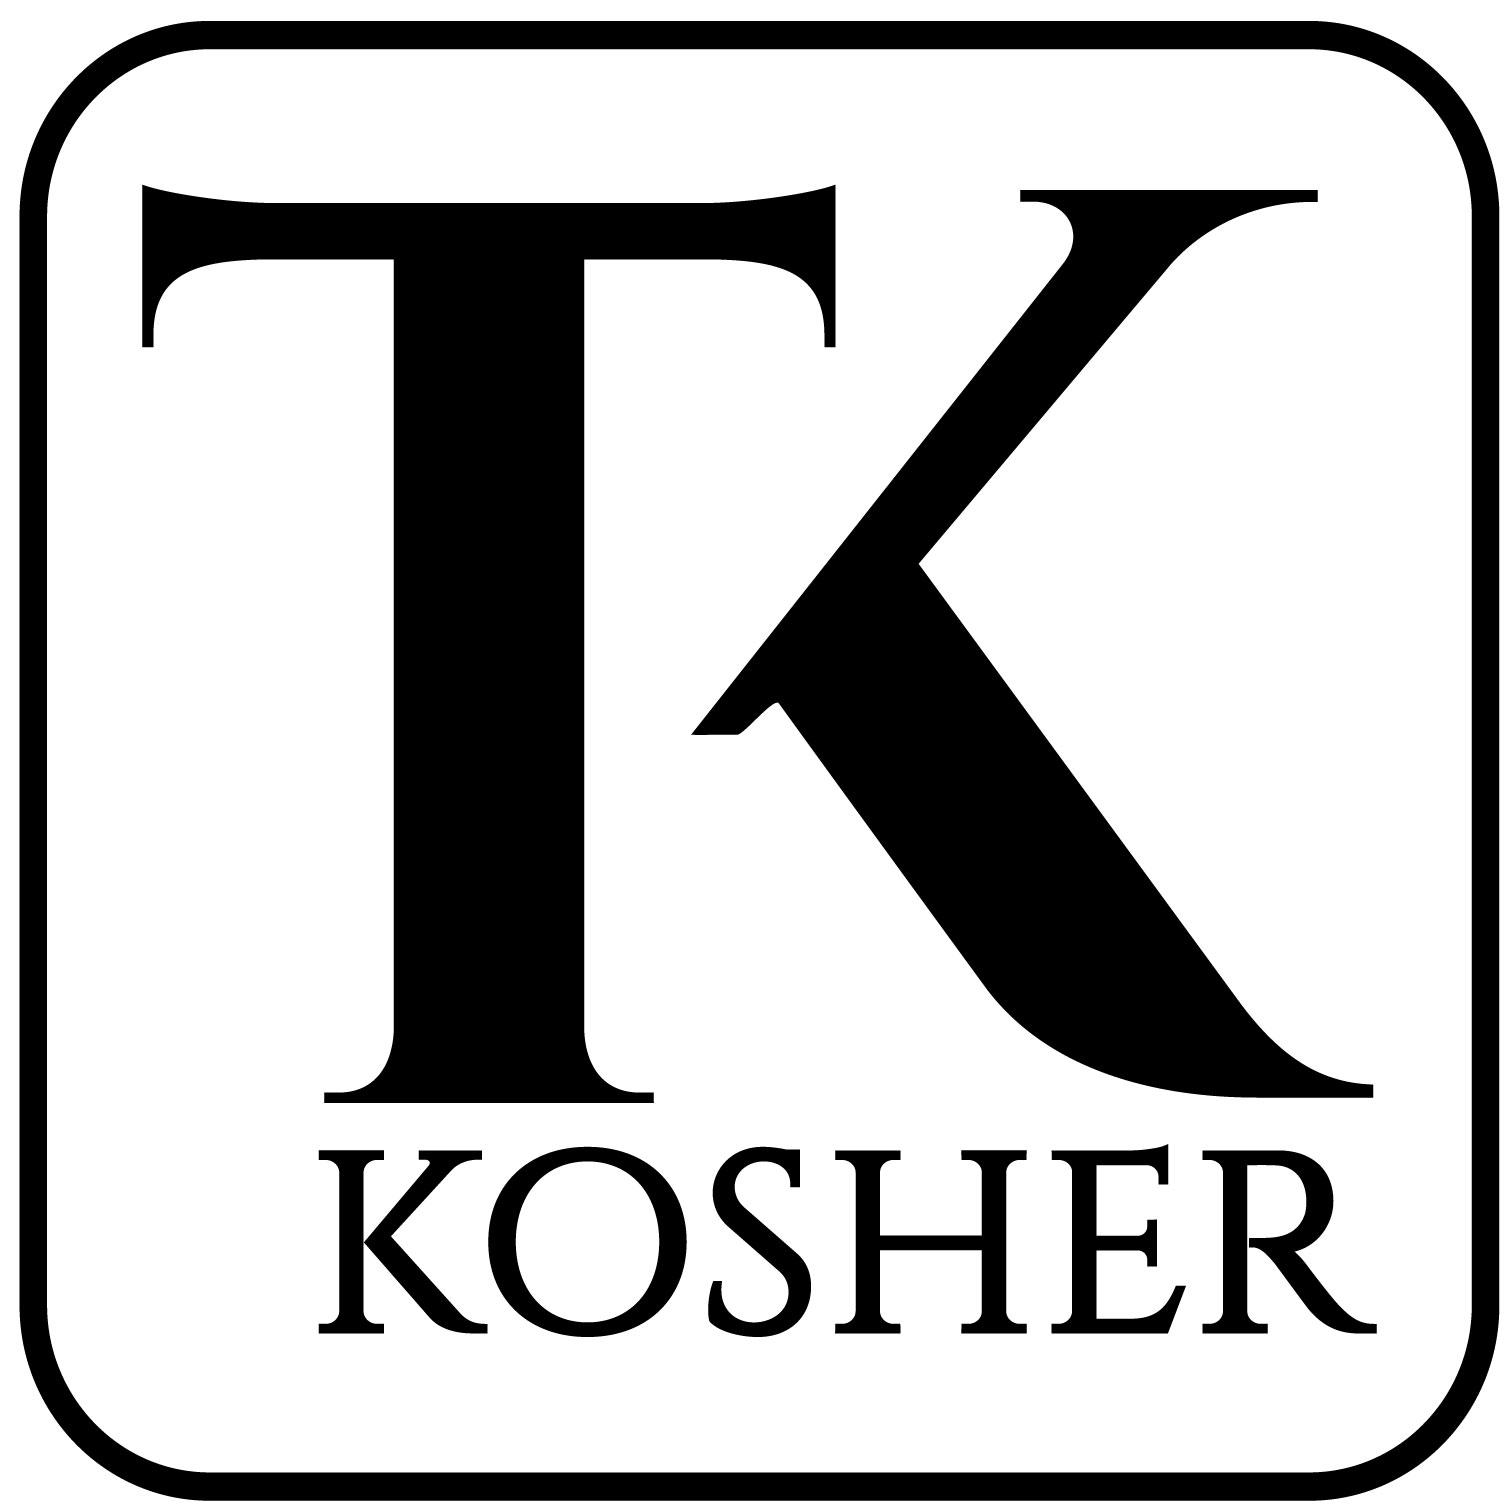 TKC Kosher